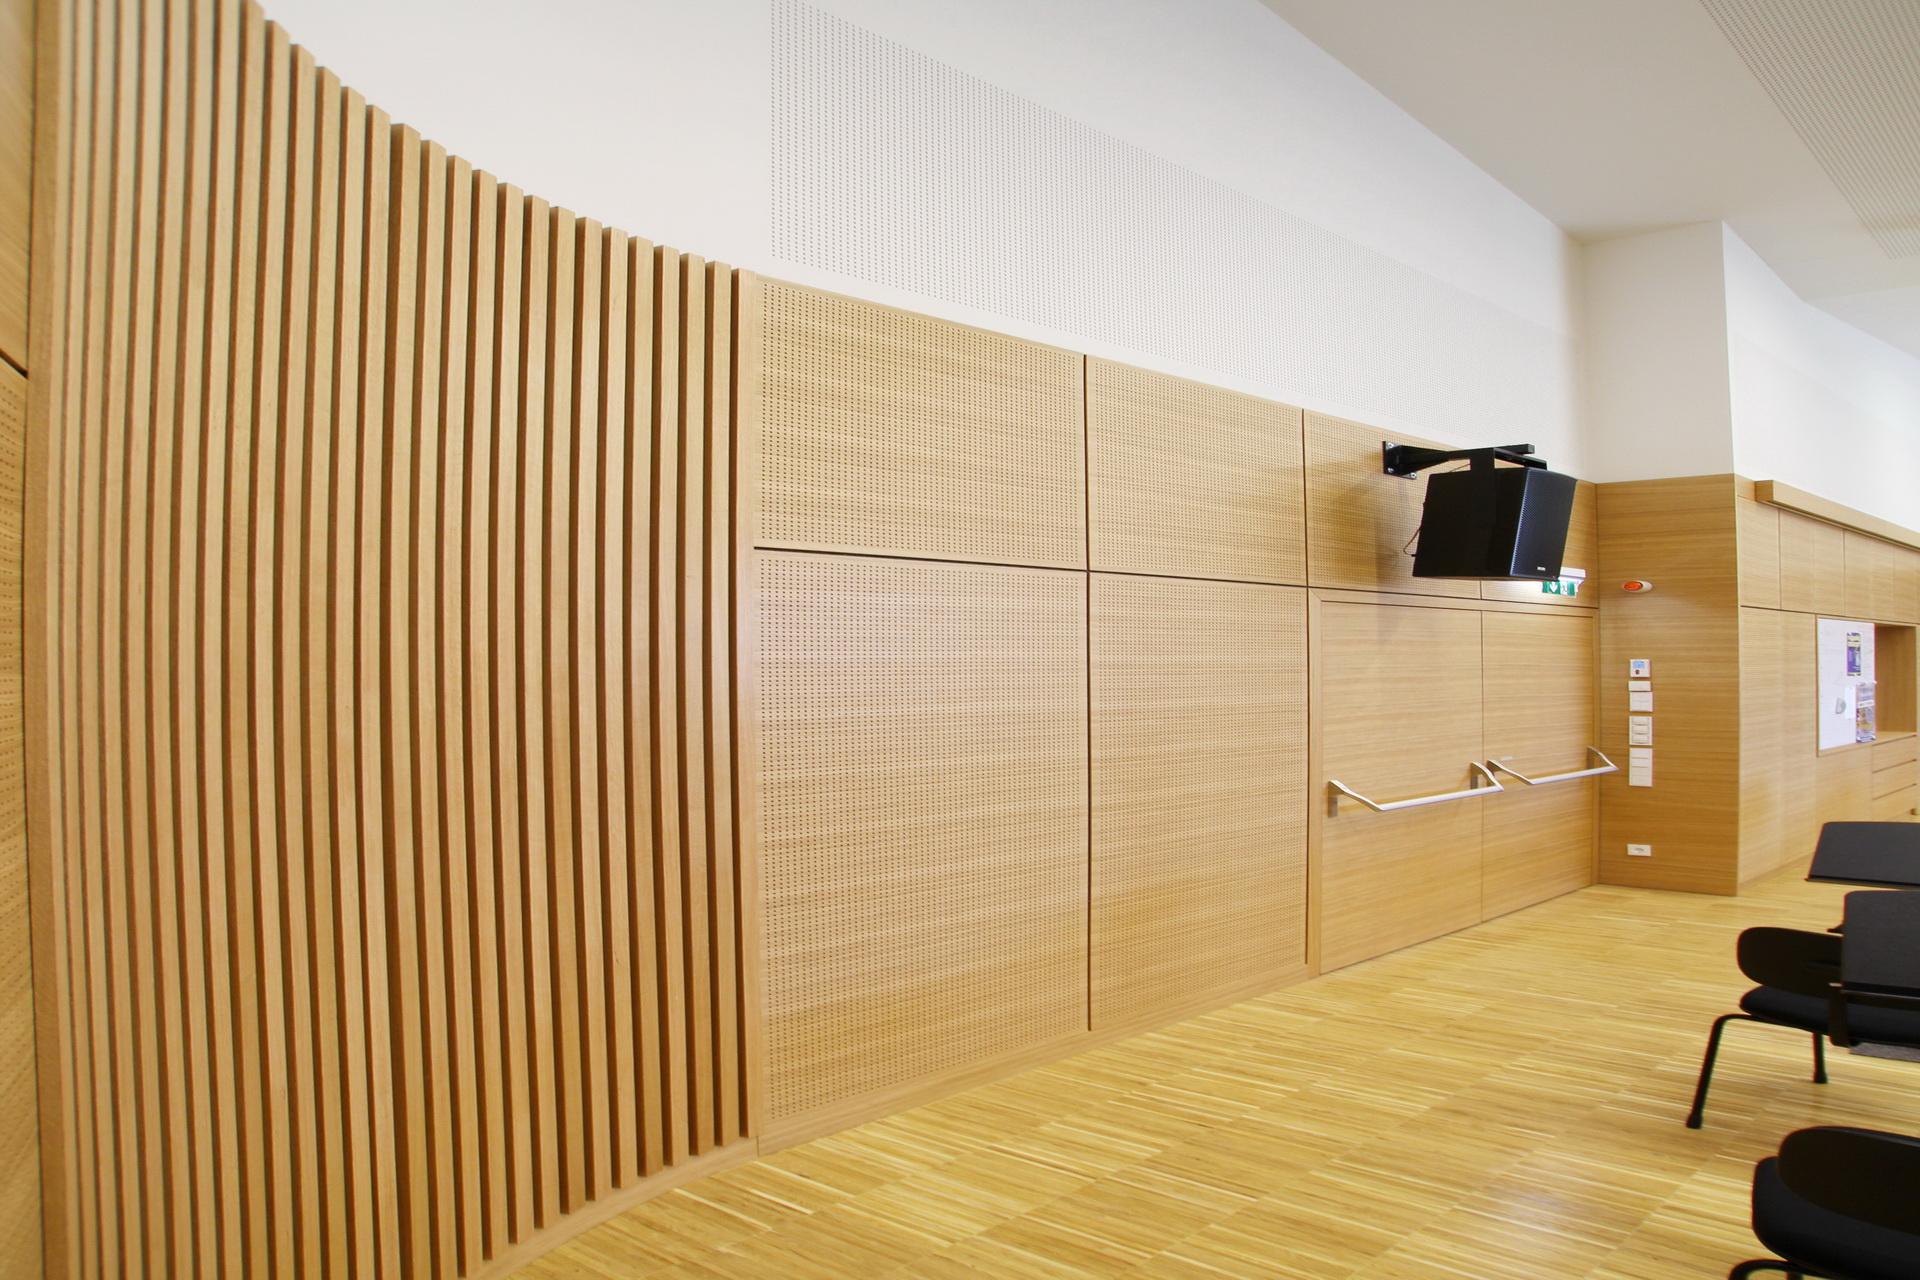 Wandverkleidung_Holz2